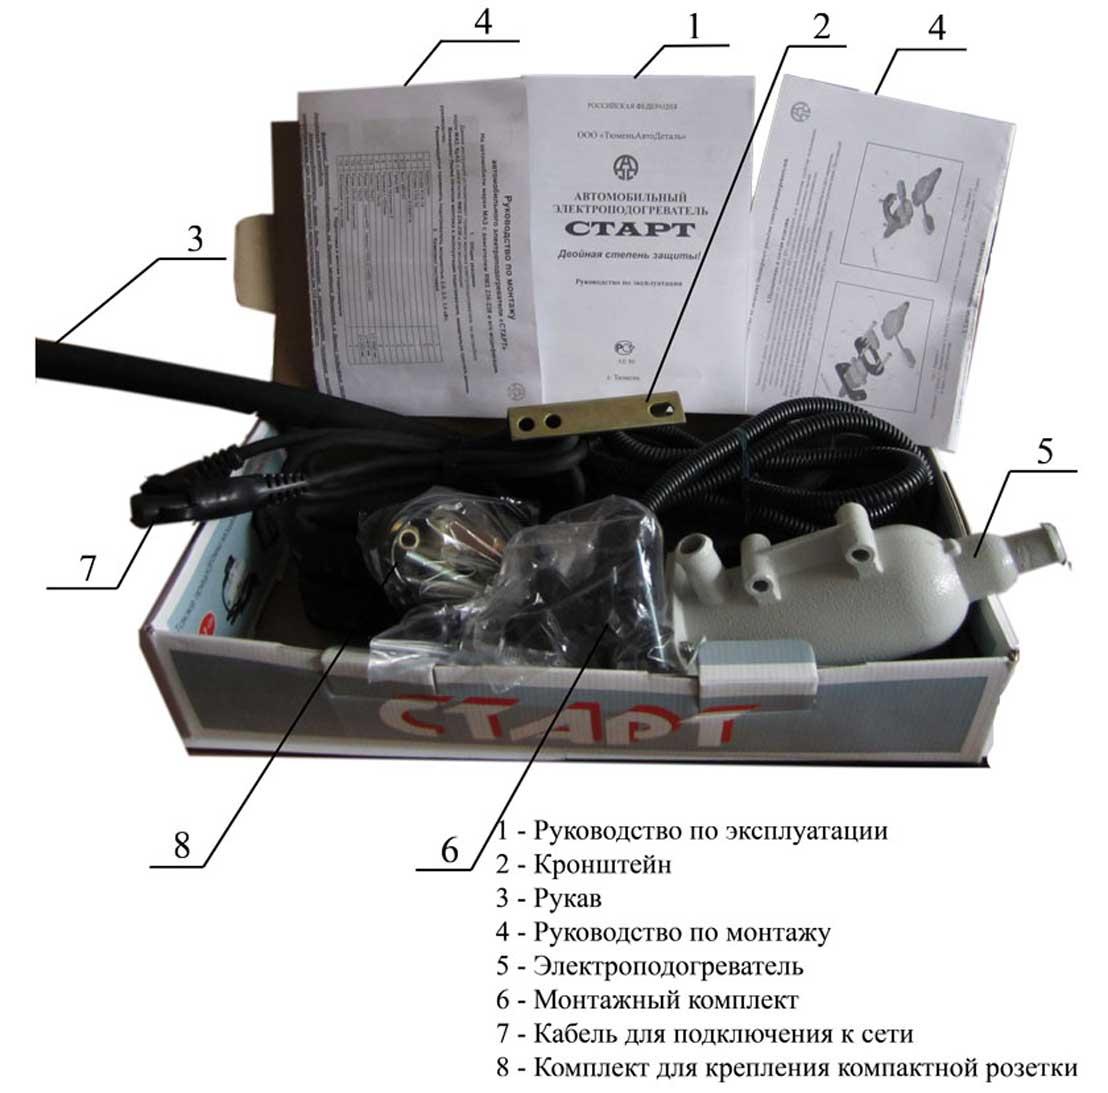 4 - Установка подогрева двигателя на маз